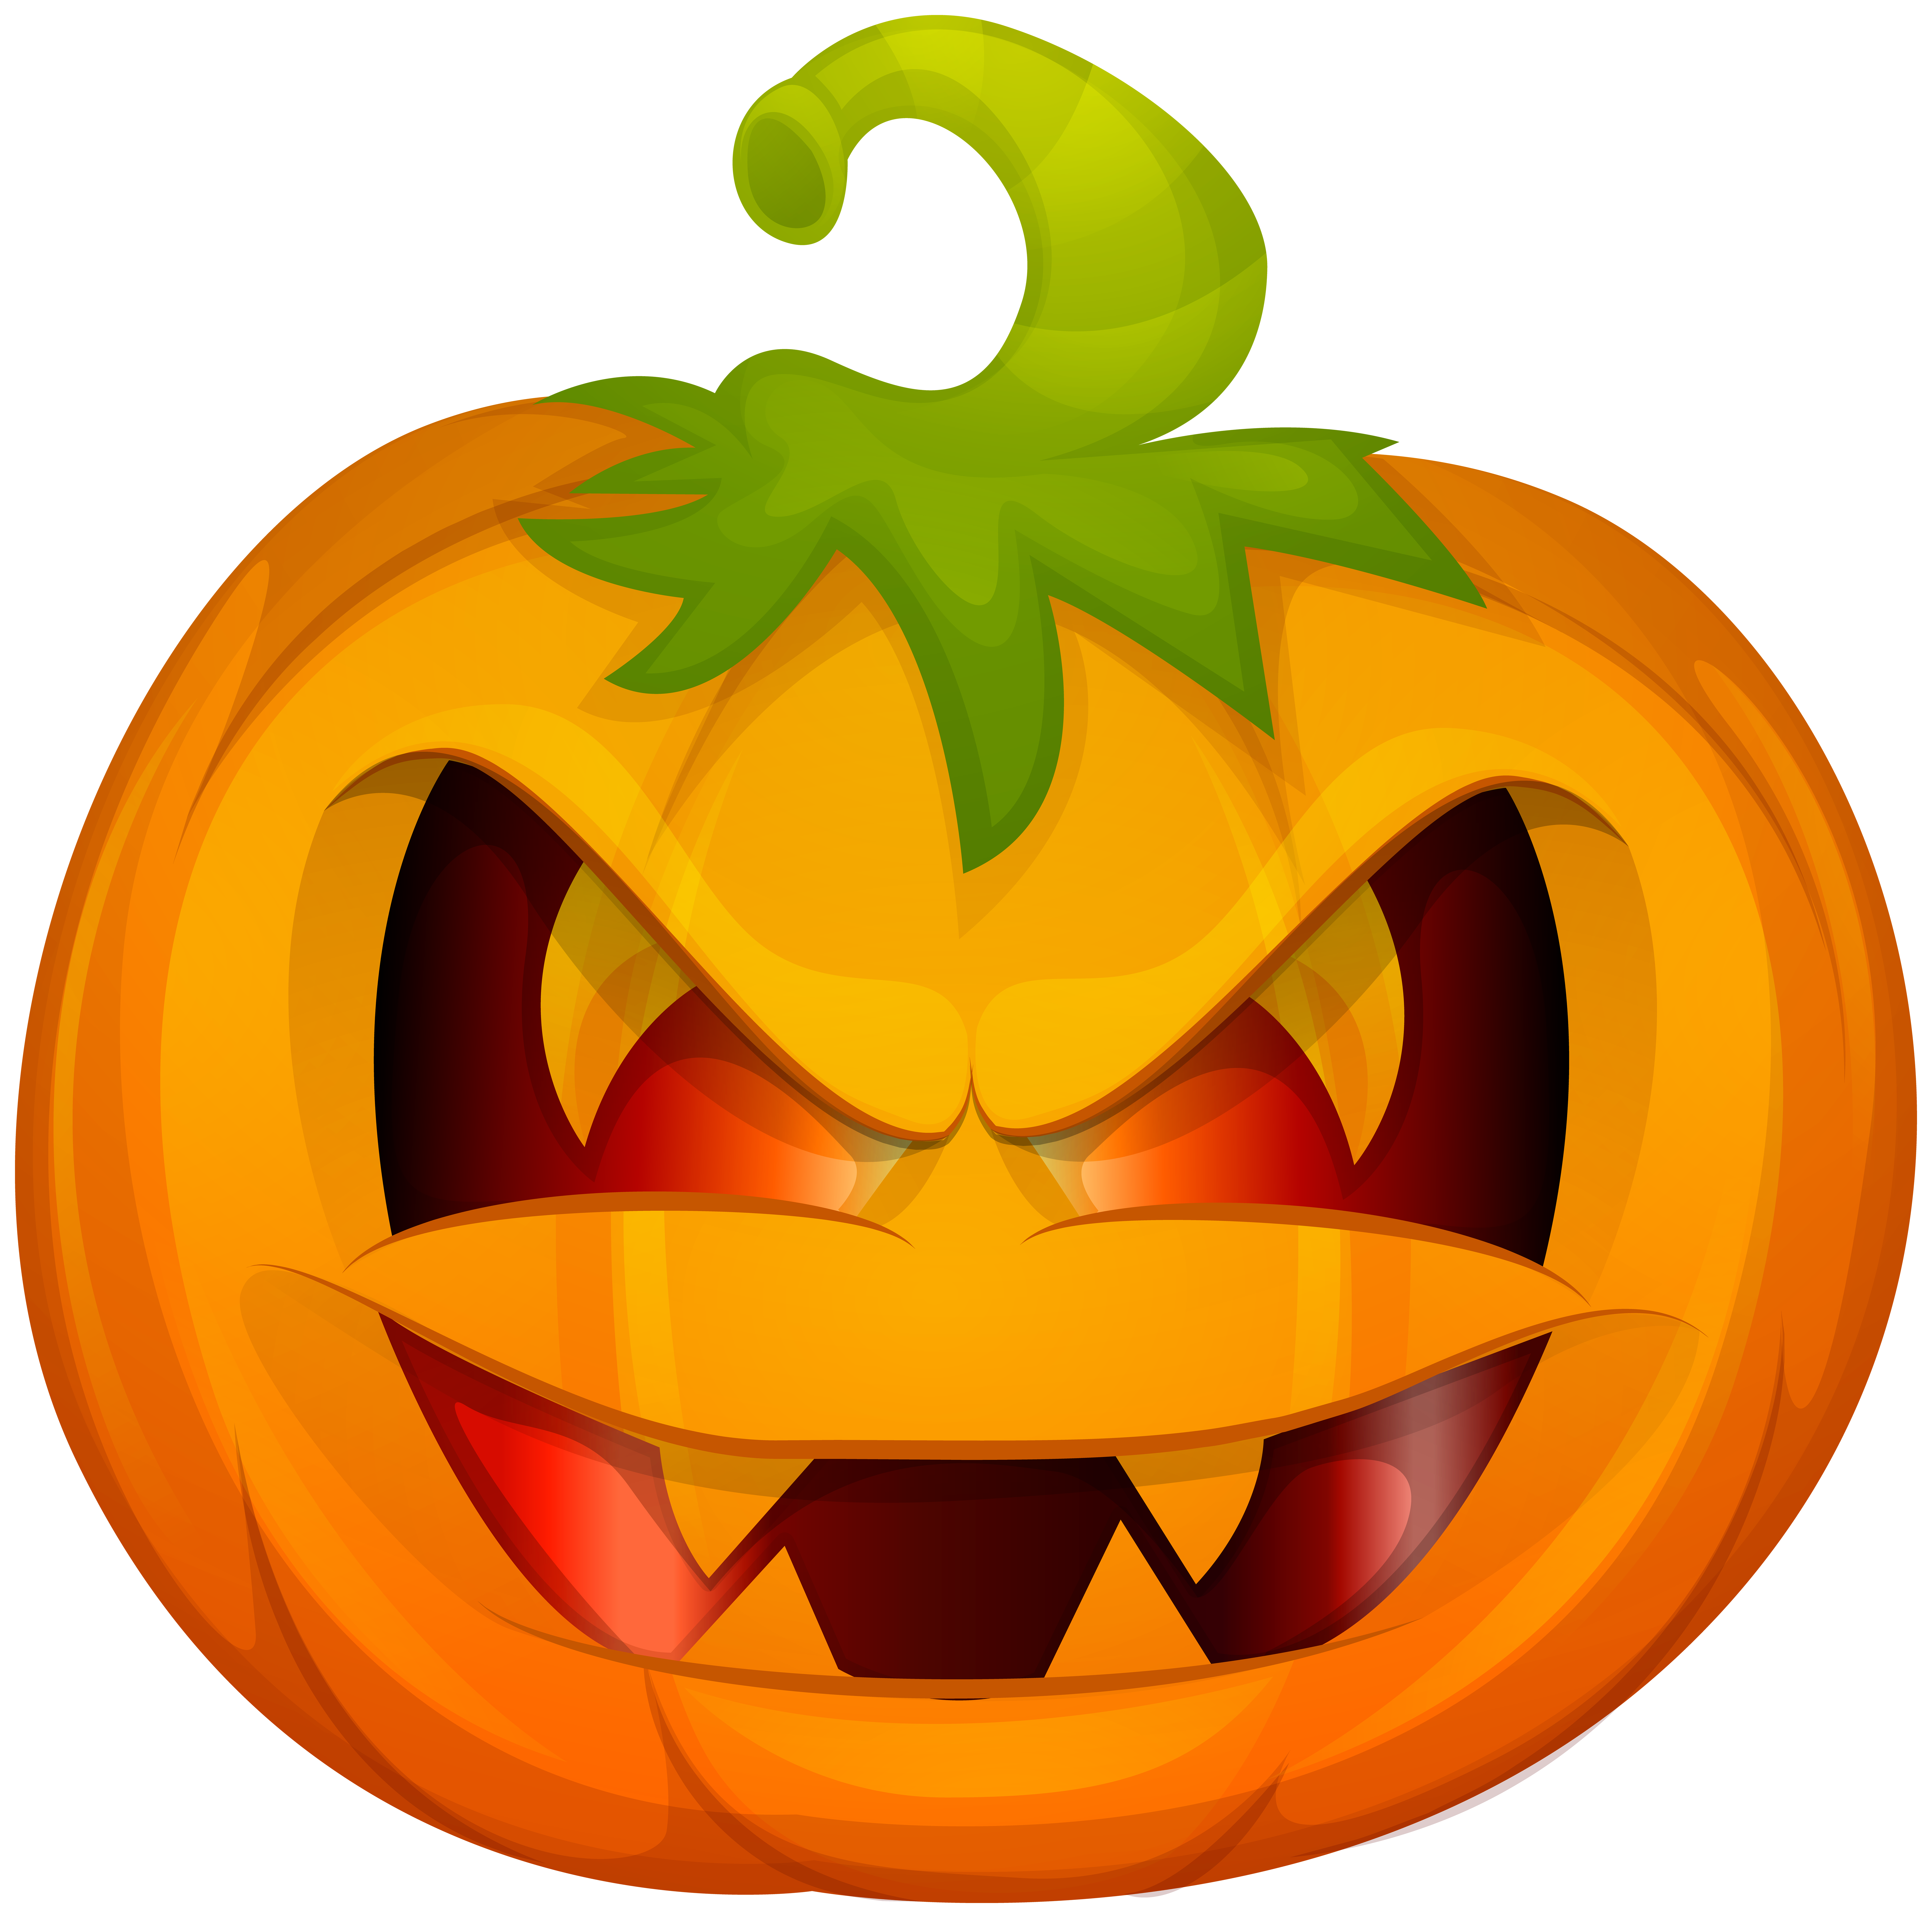 Halloween png clip art. Cookies clipart pumpkin cookie